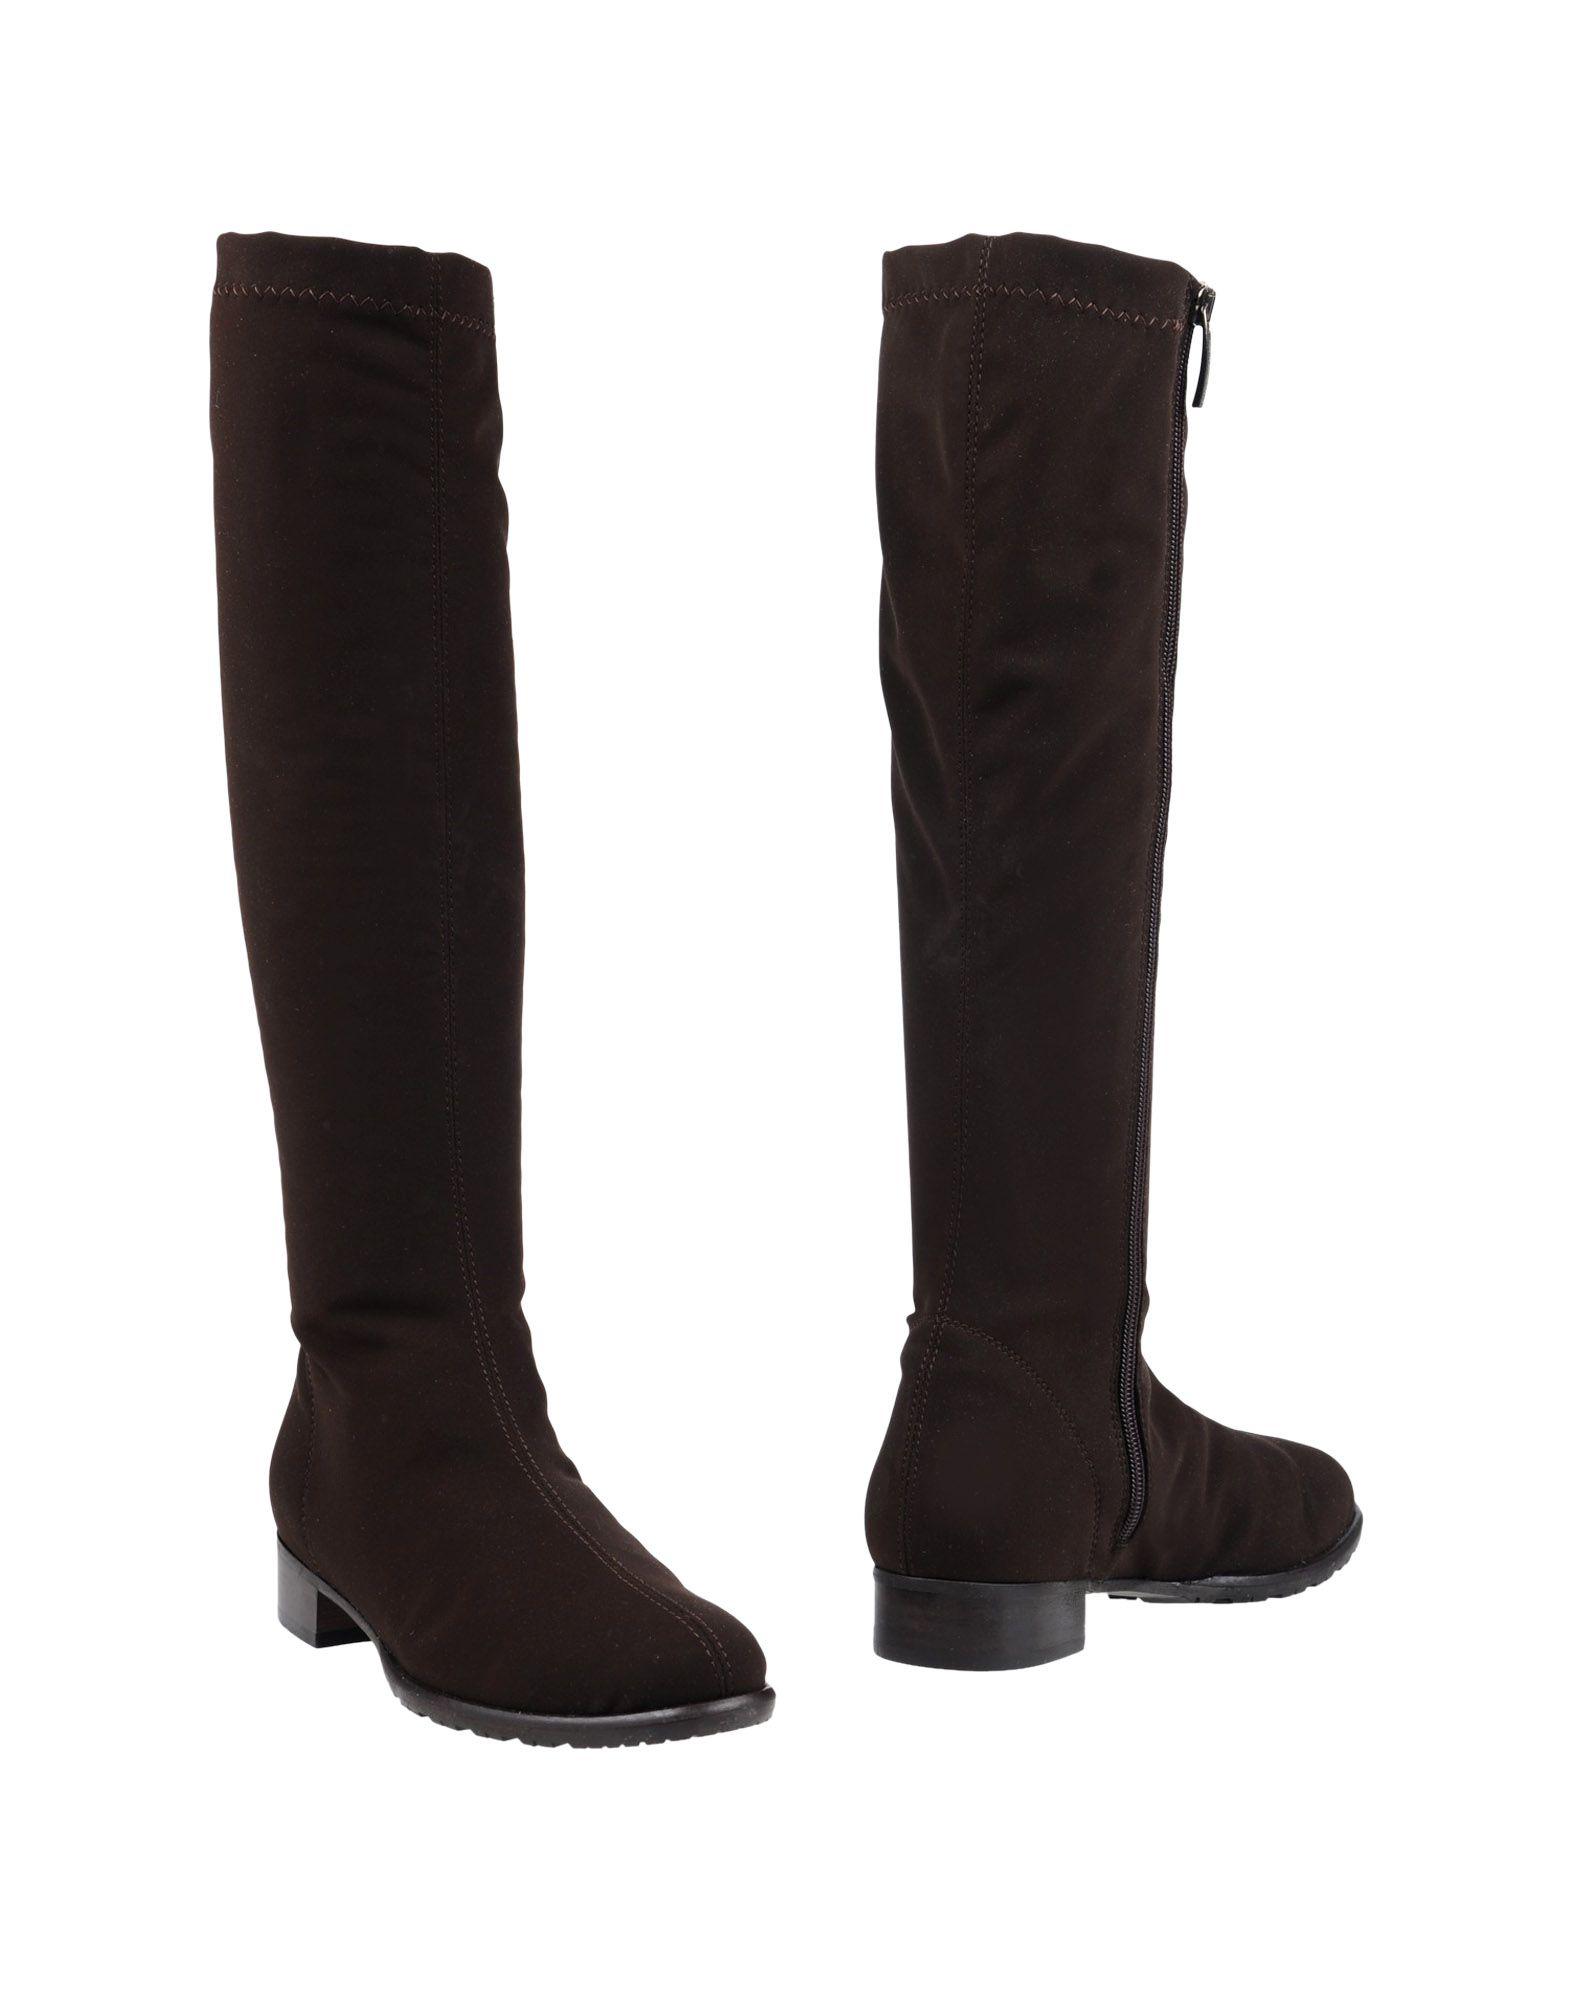 Nr Rapisardi Stiefel Damen  11273661PH Gute Qualität beliebte Schuhe